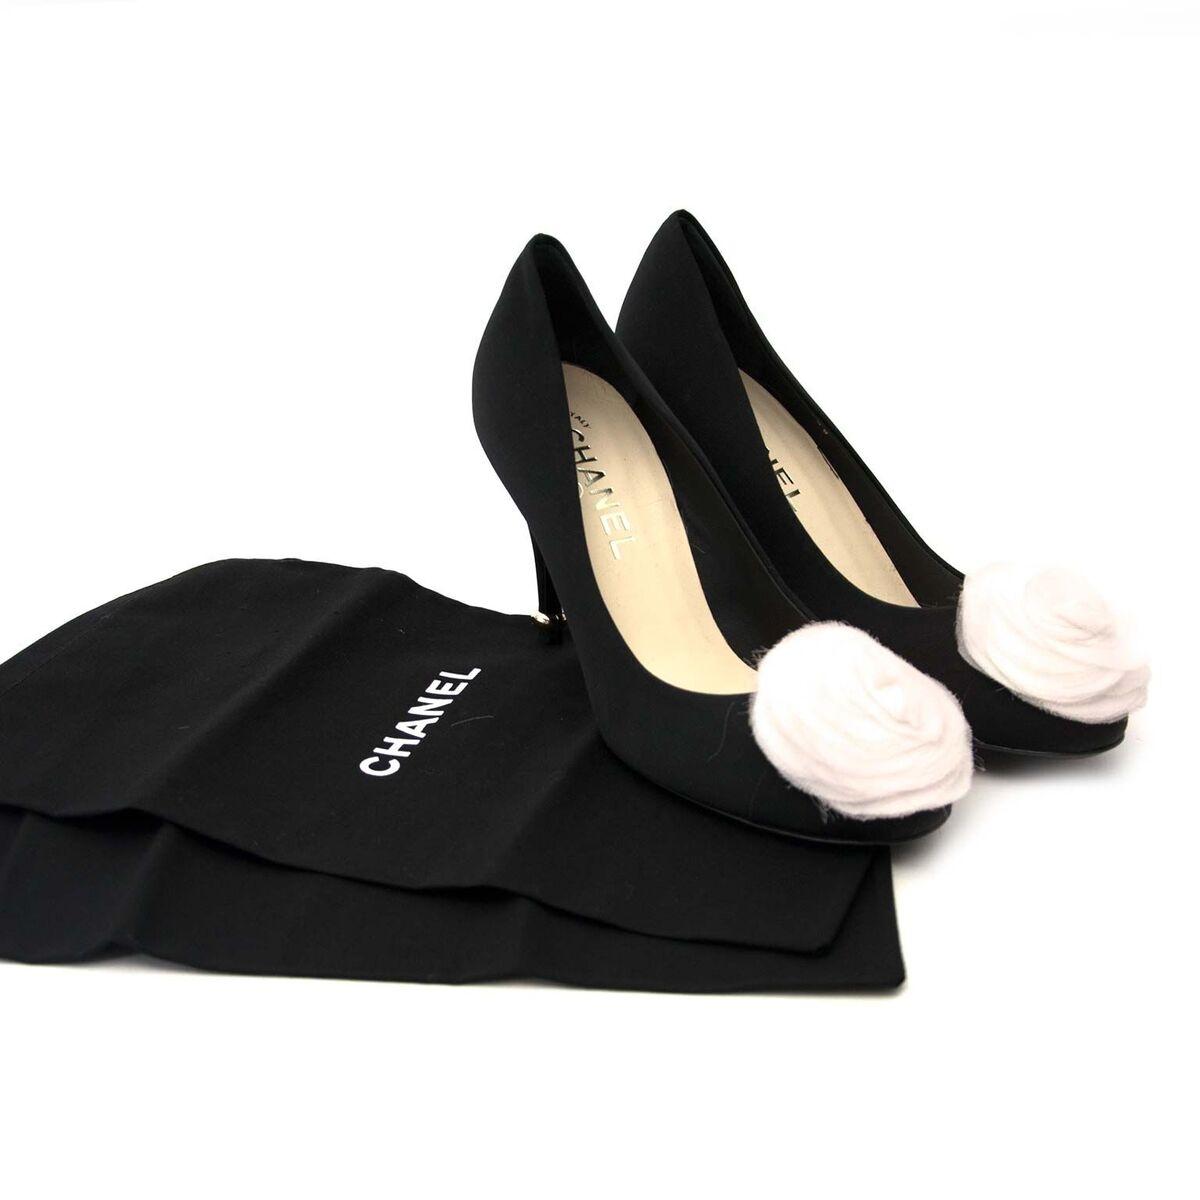 Compra zapatos de Chanel muy en moda para el precio correcto en LabelLOV.